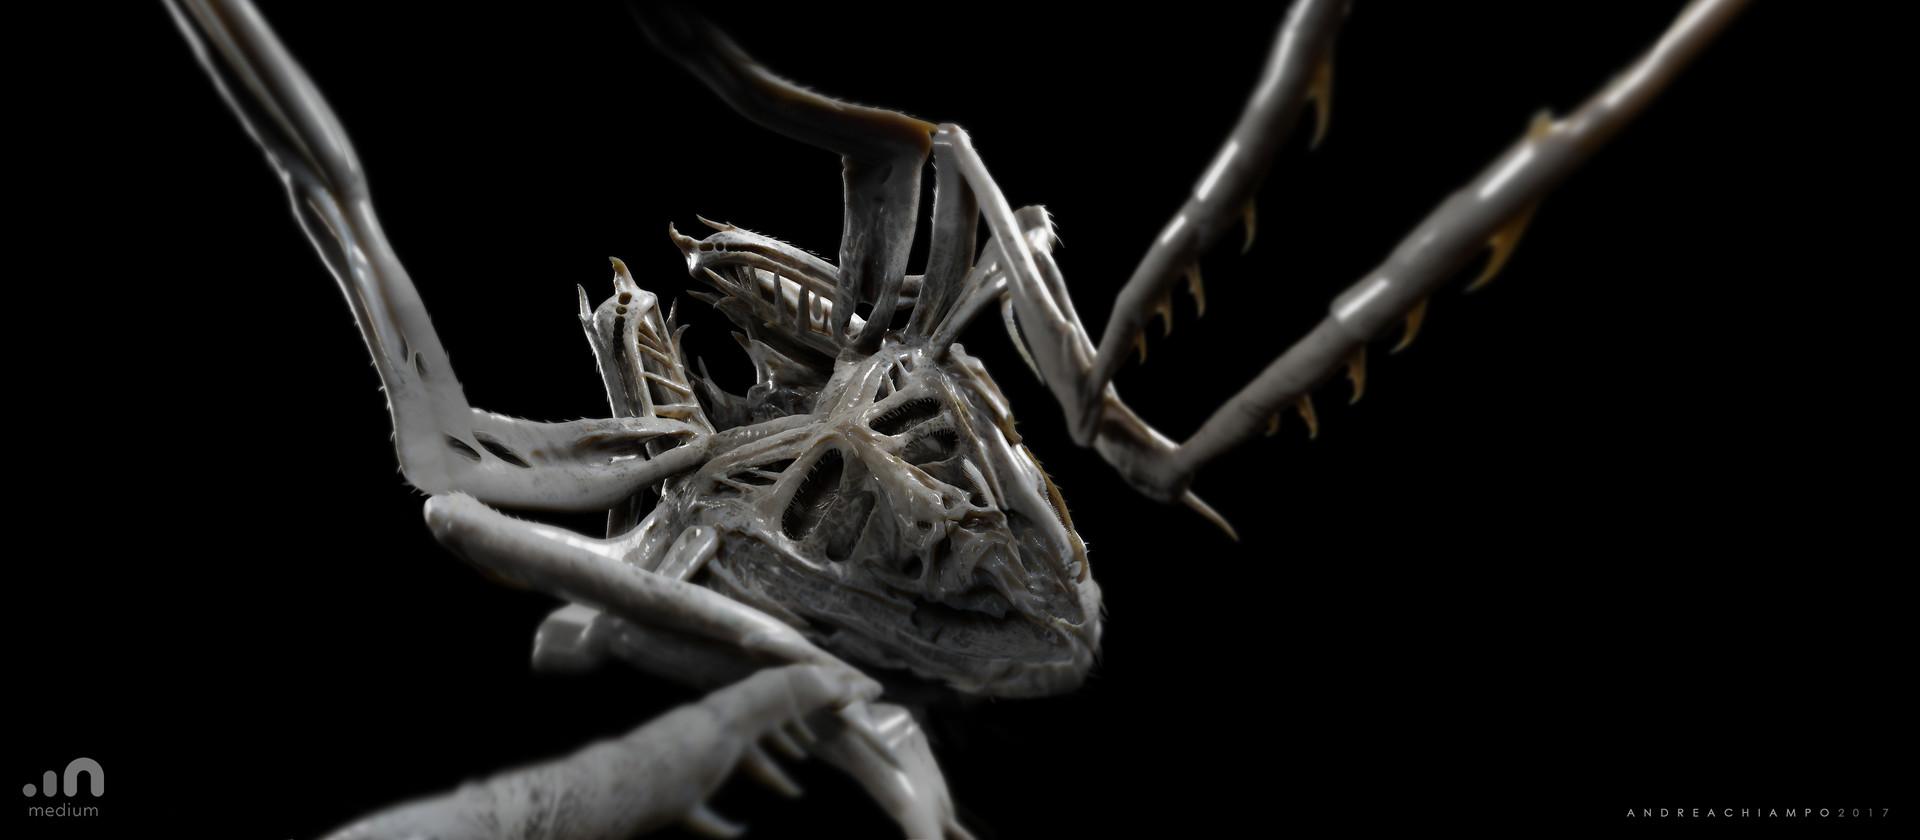 Andrea chiampo insect vr def